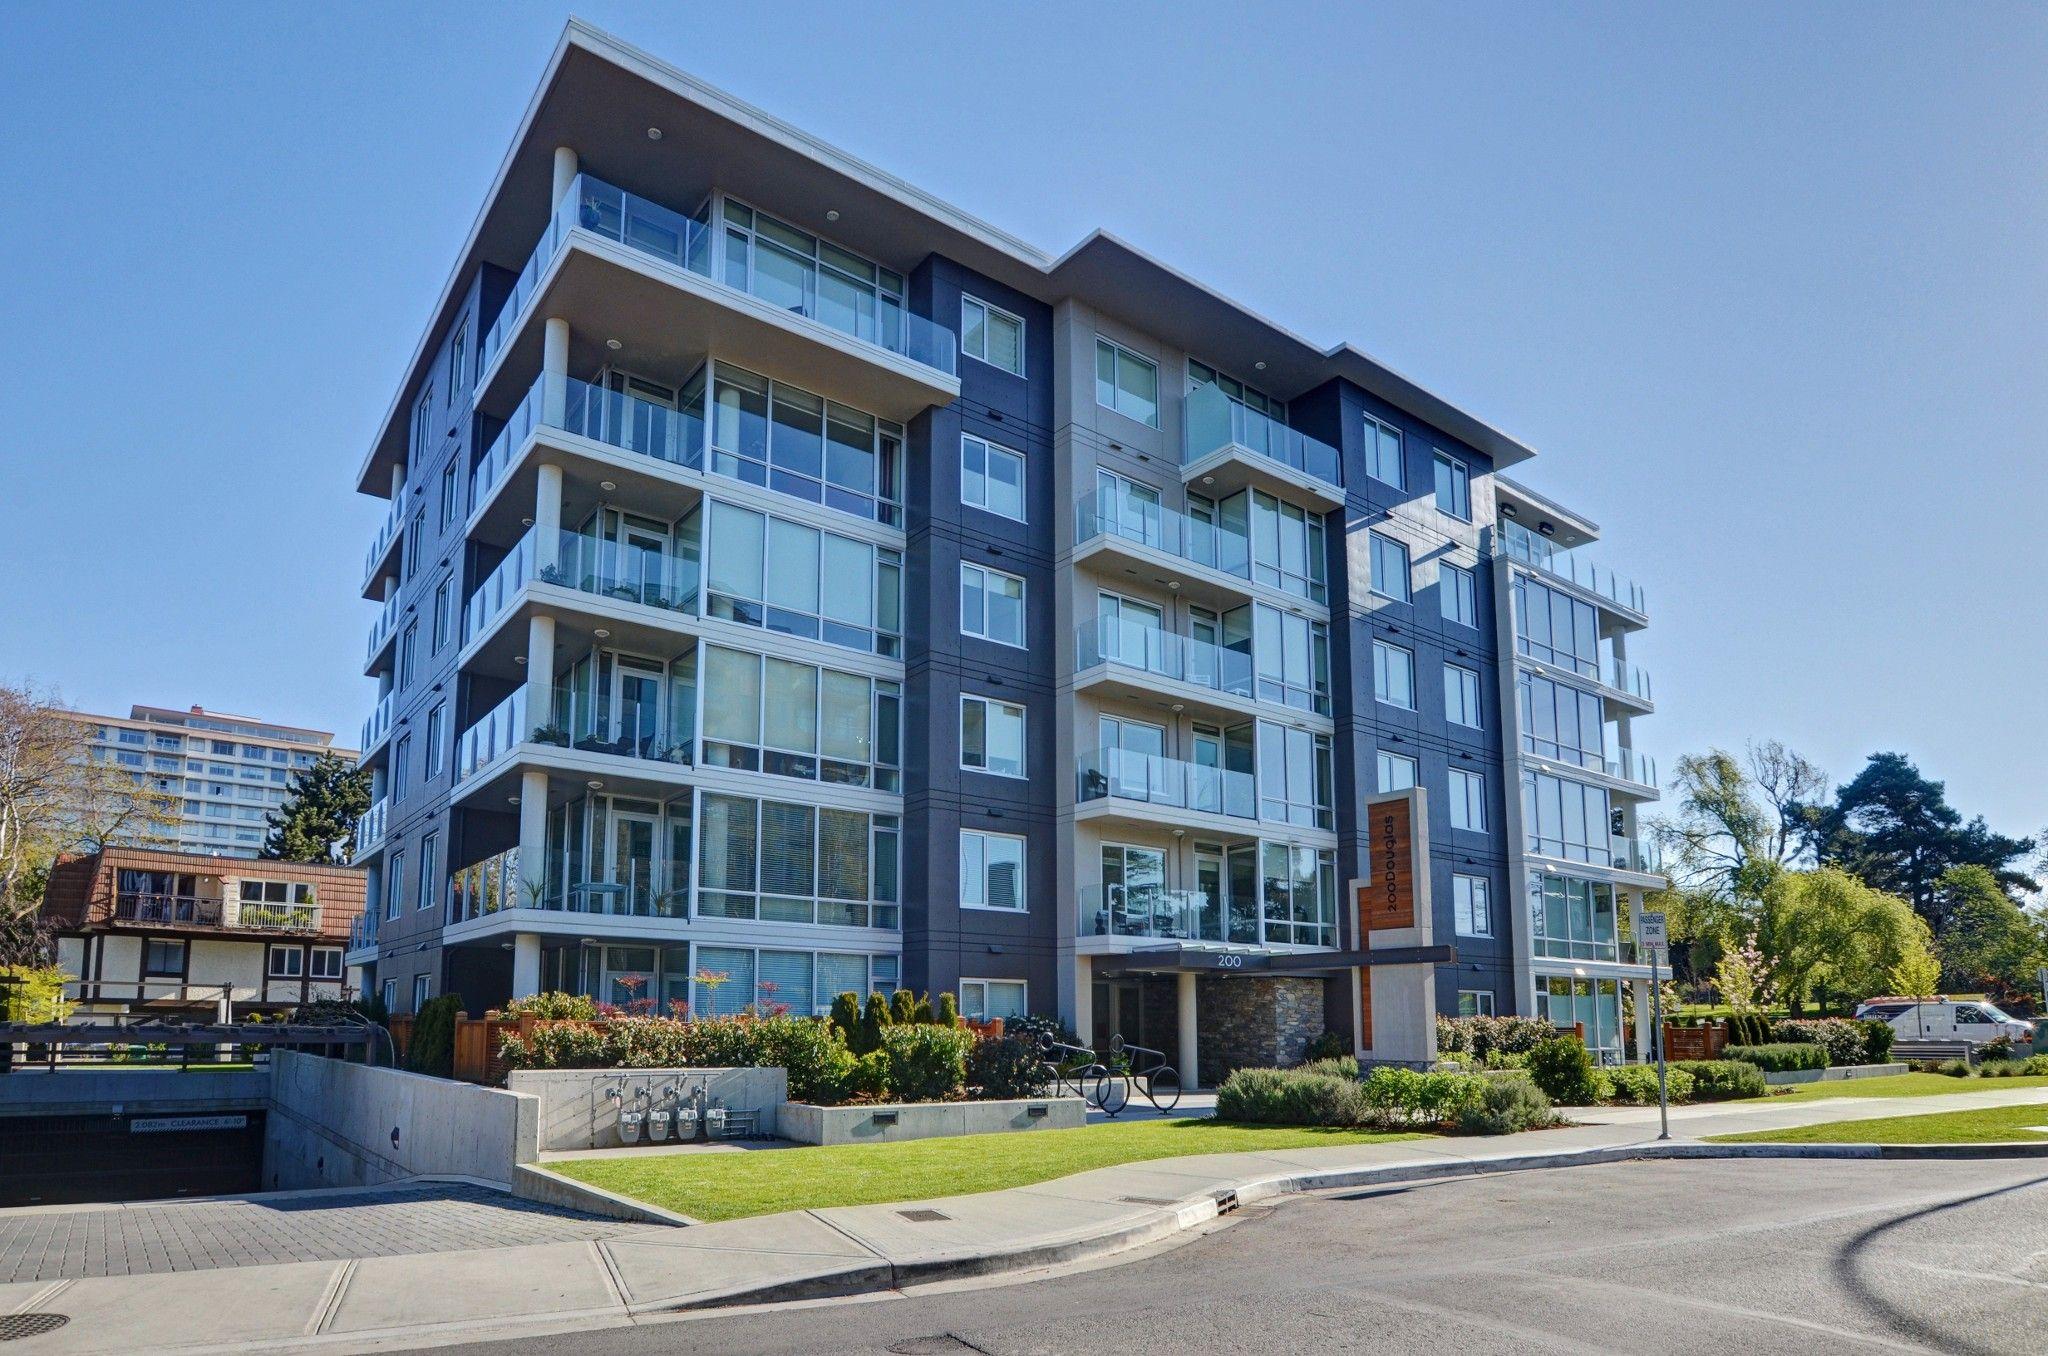 Main Photo: 105 200 Douglas St in VICTORIA: Vi James Bay Condo for sale (Victoria)  : MLS®# 832368